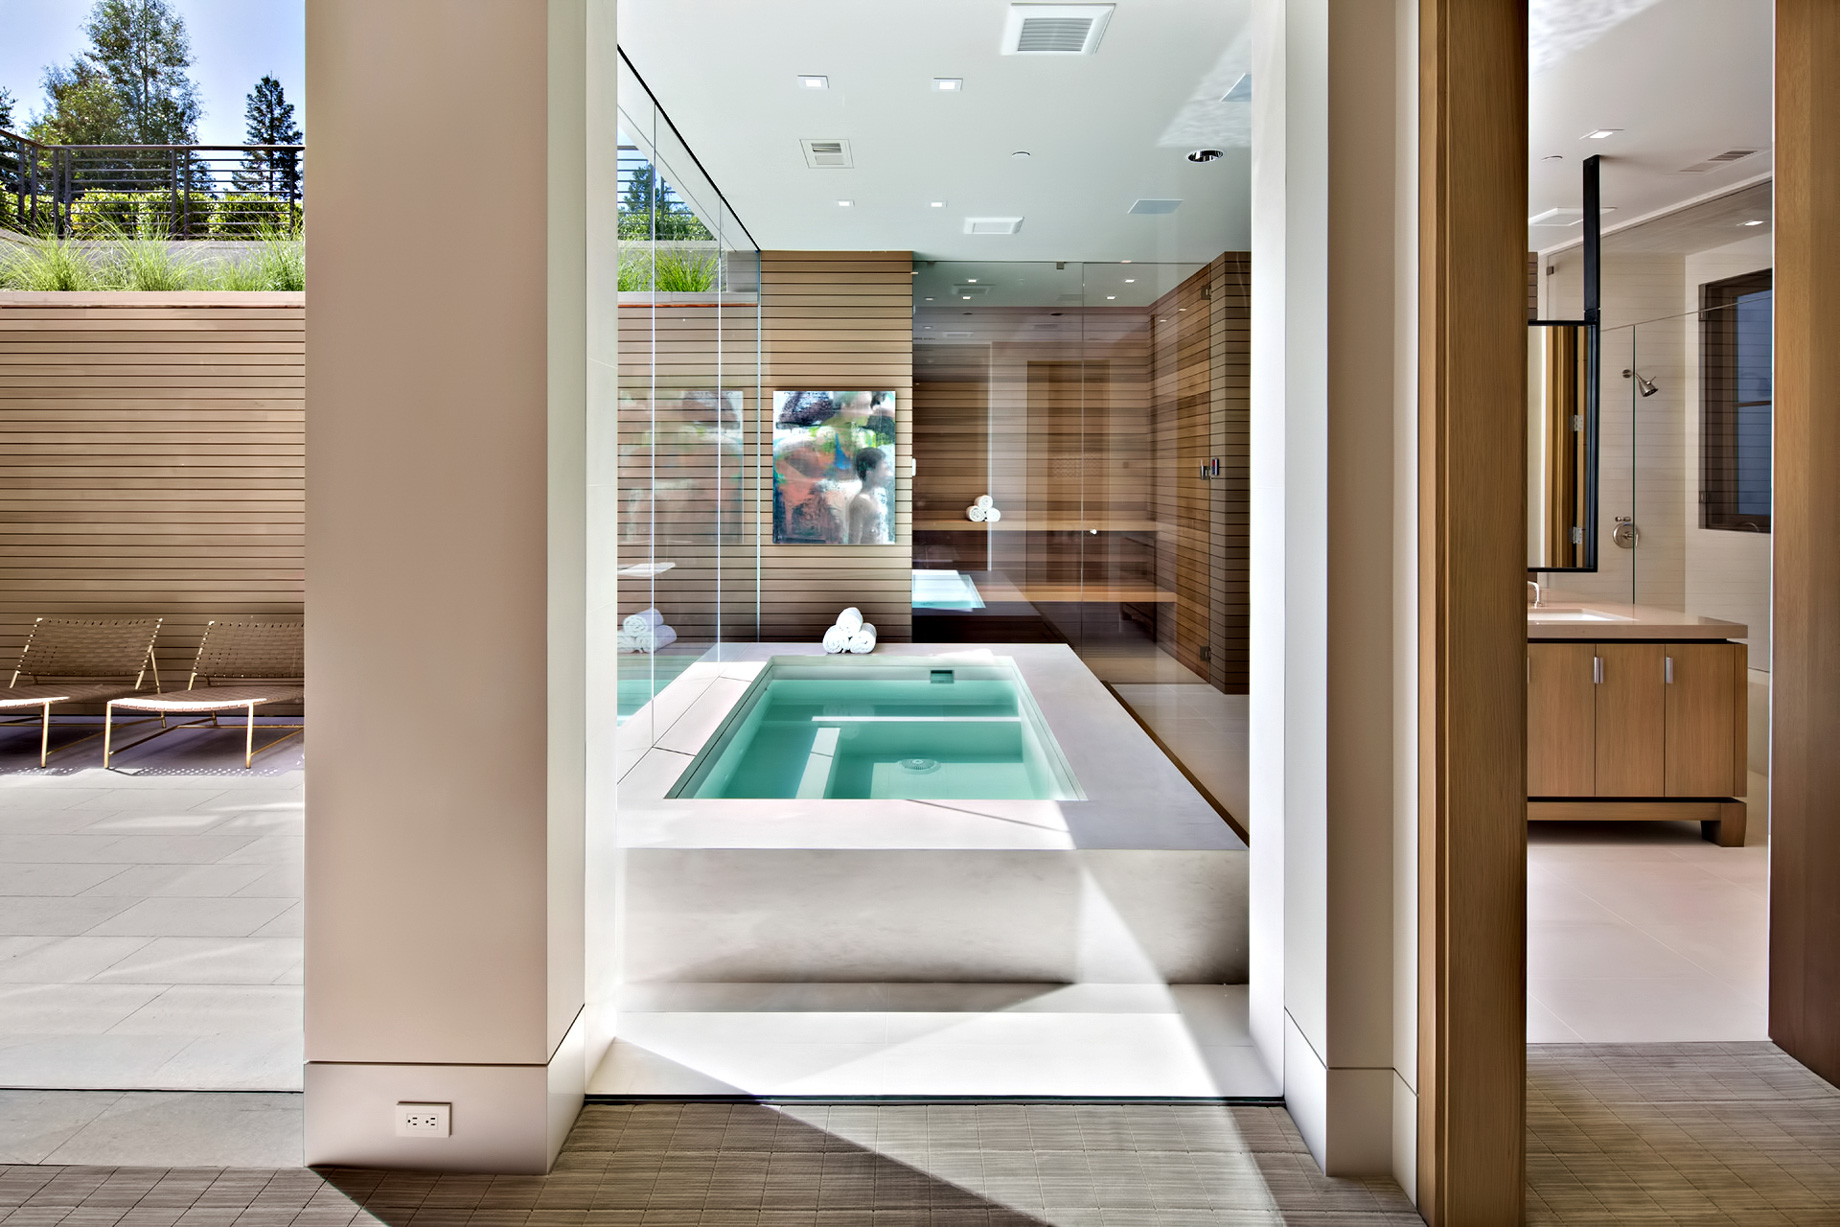 Billionaire Paul Allen Estate - 267 Camino Al Lago, Atherton, CA, USA